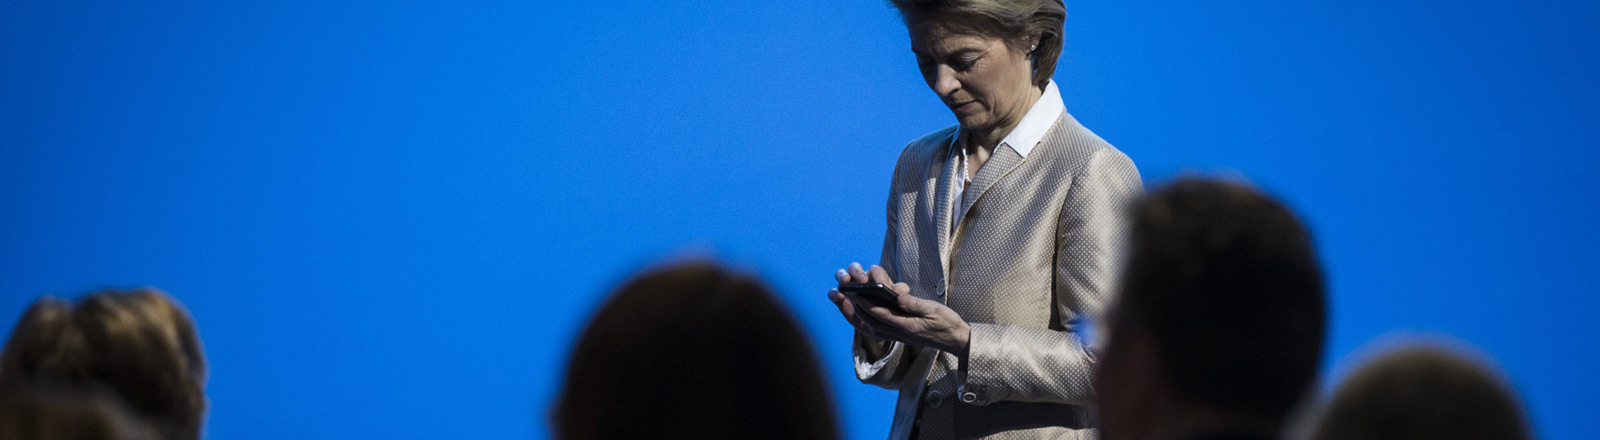 Ursula von der Leyen mit Smartphone in der Hand